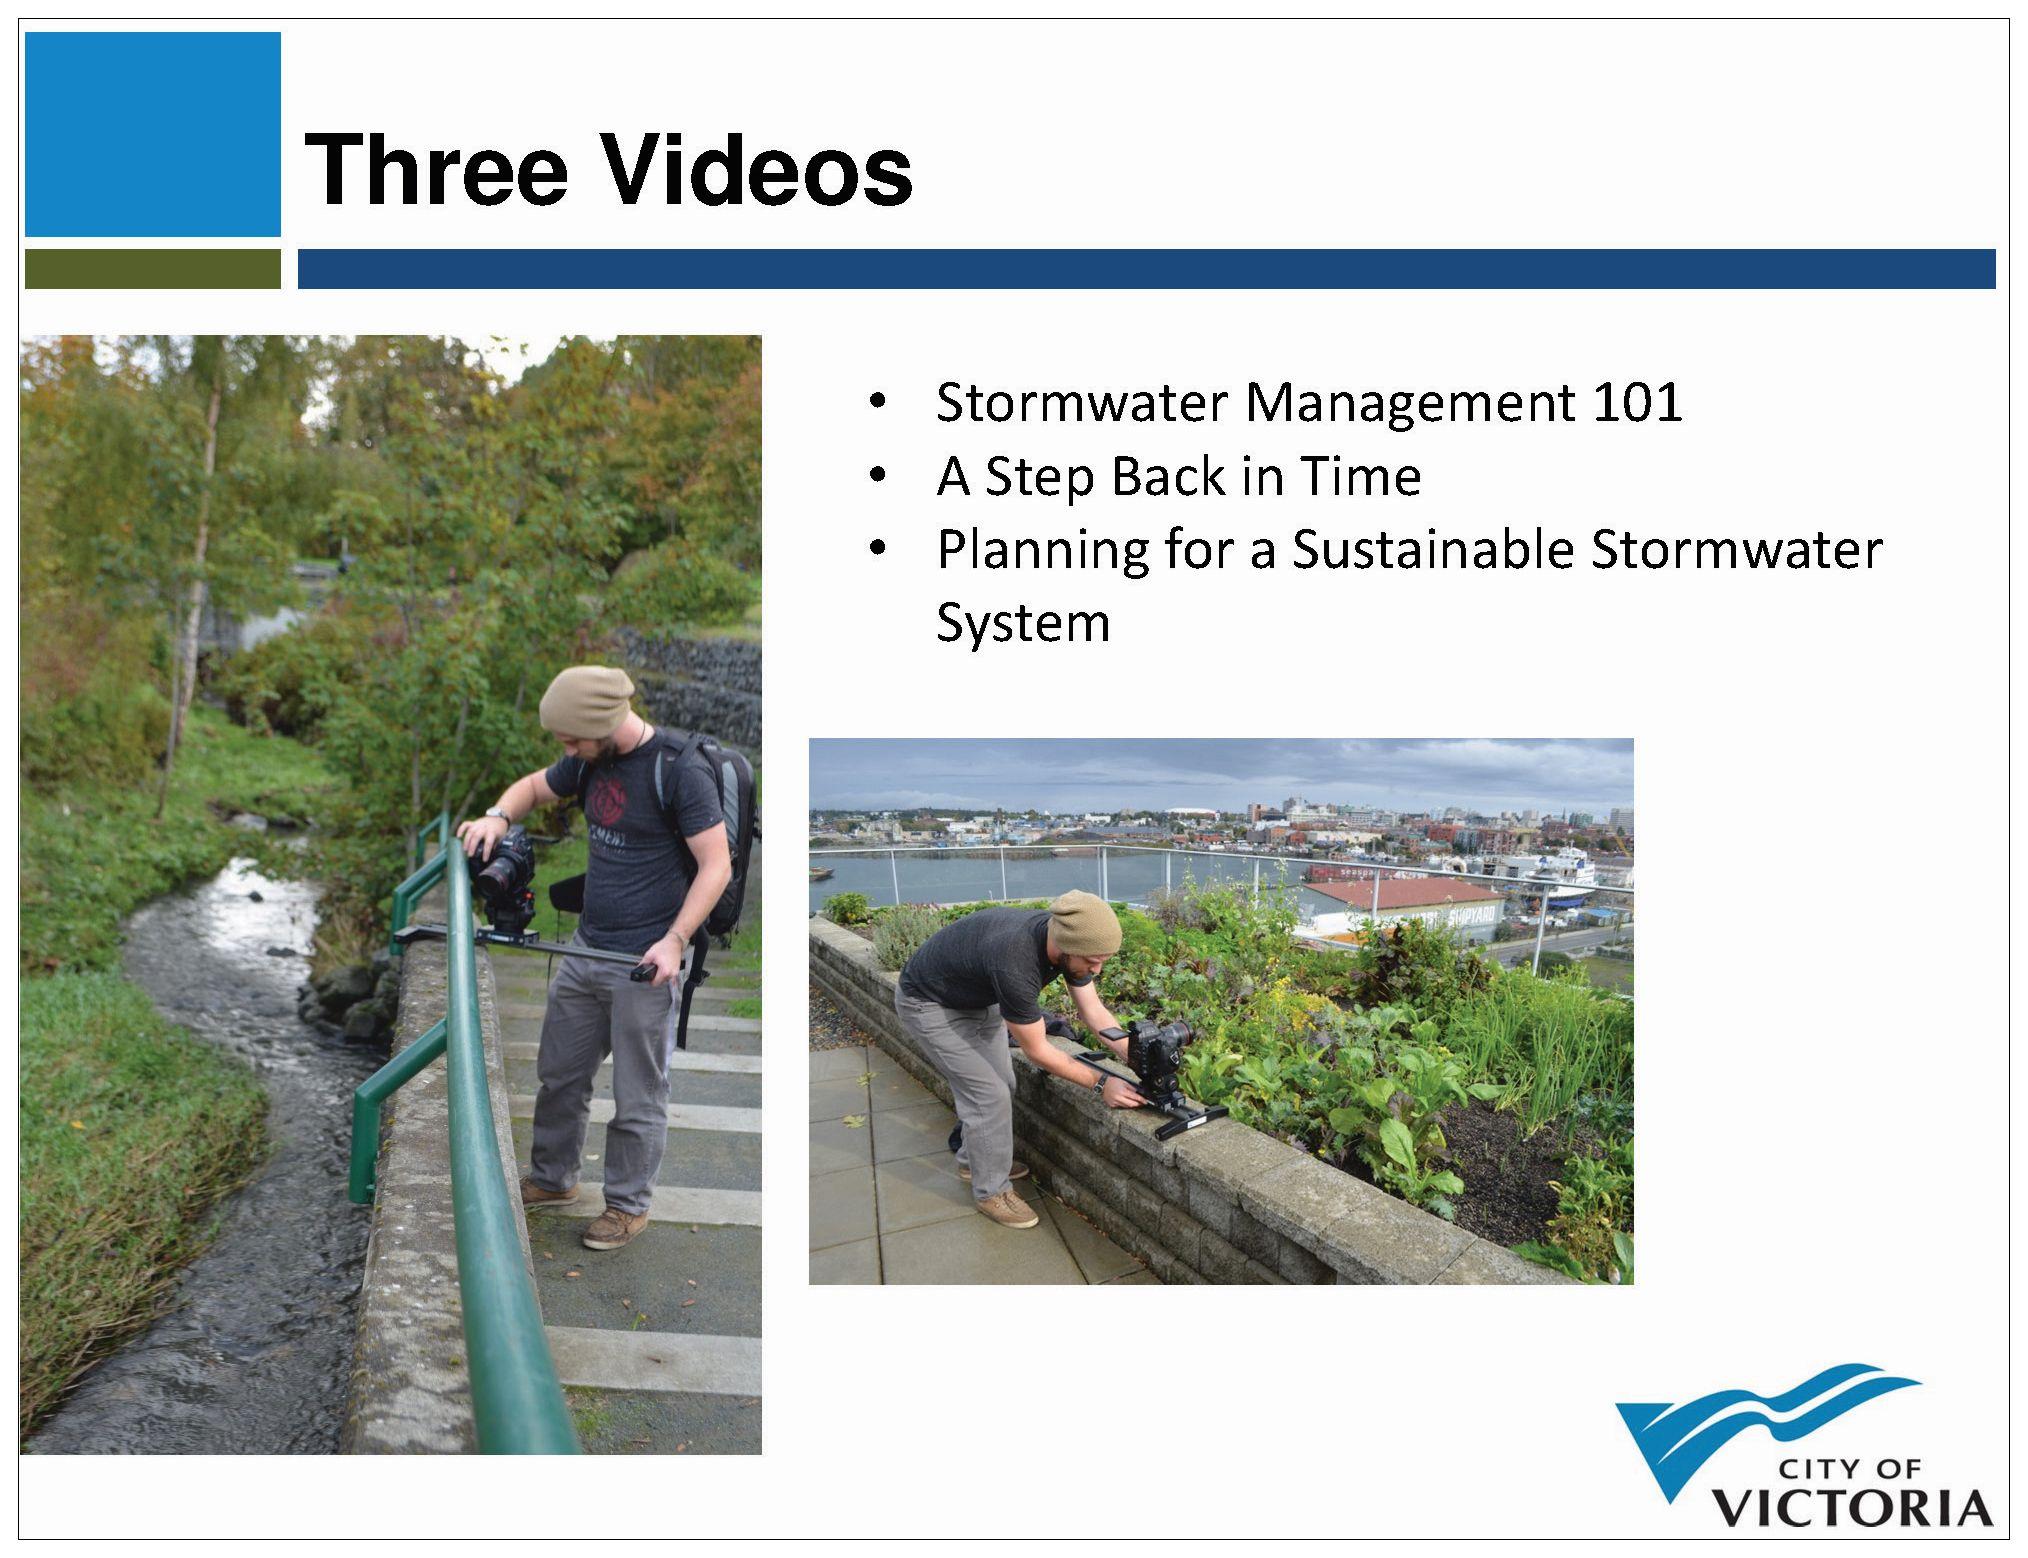 Victoria_StormwaterUpdateOct-2013_videos